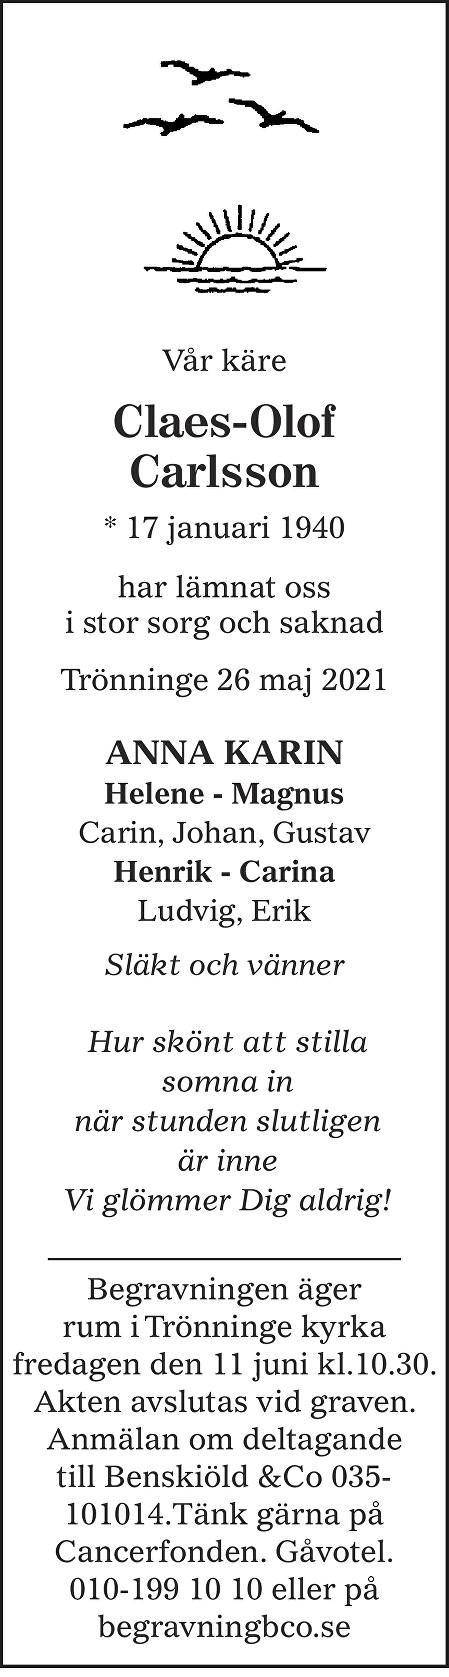 Claes-Olof Carlsson Death notice